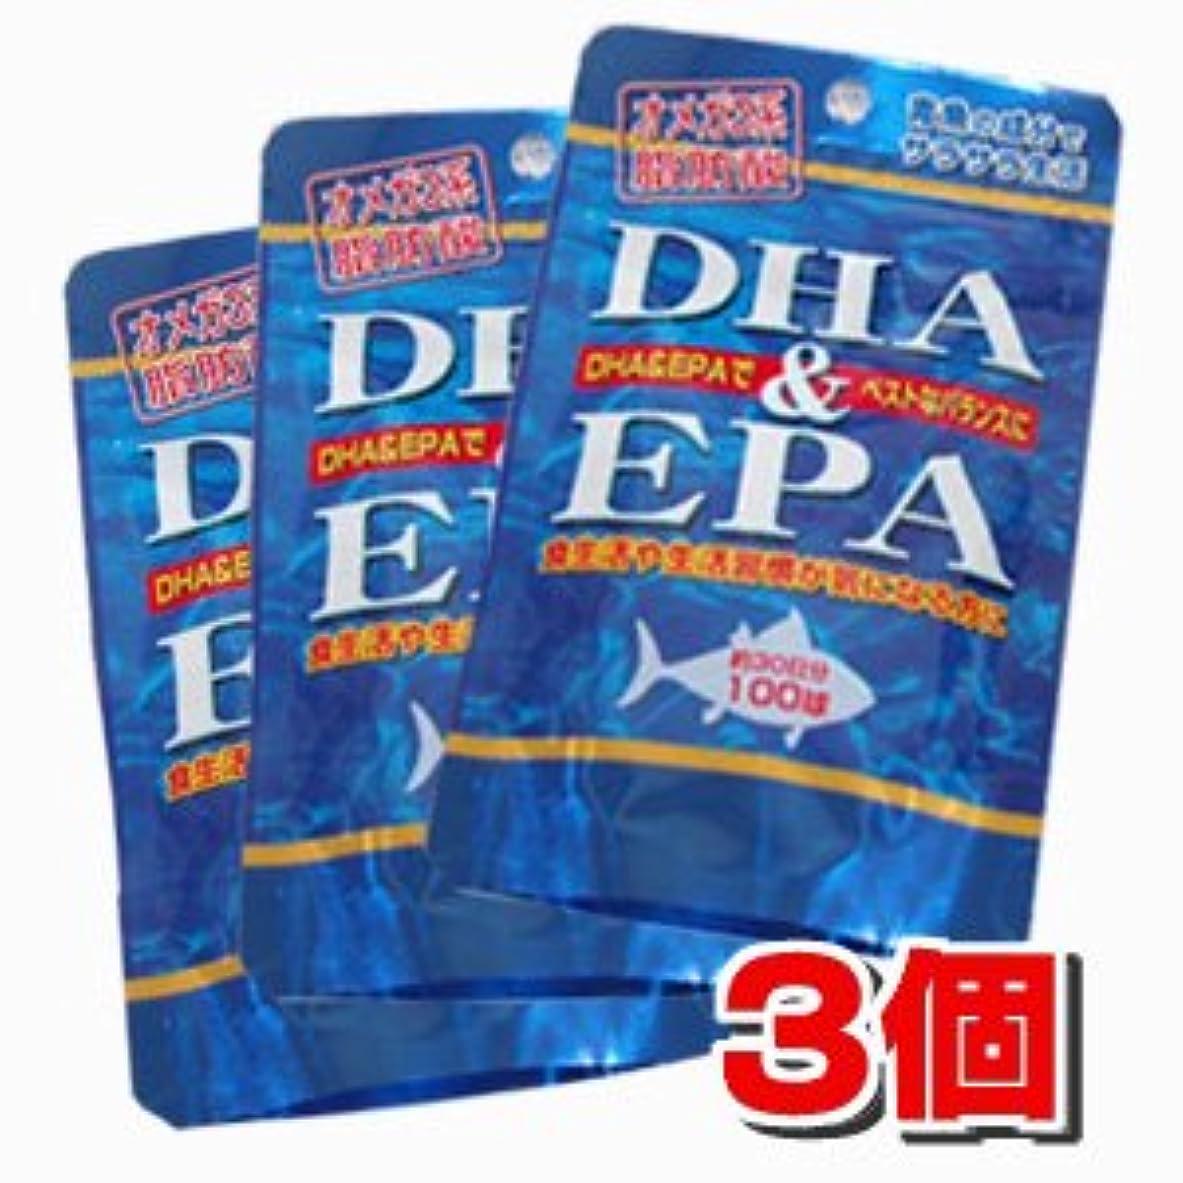 役立つ悲劇的なガラガラDHA(ドコサヘキサエン酸)&EPA(エイコサペンタエン酸)